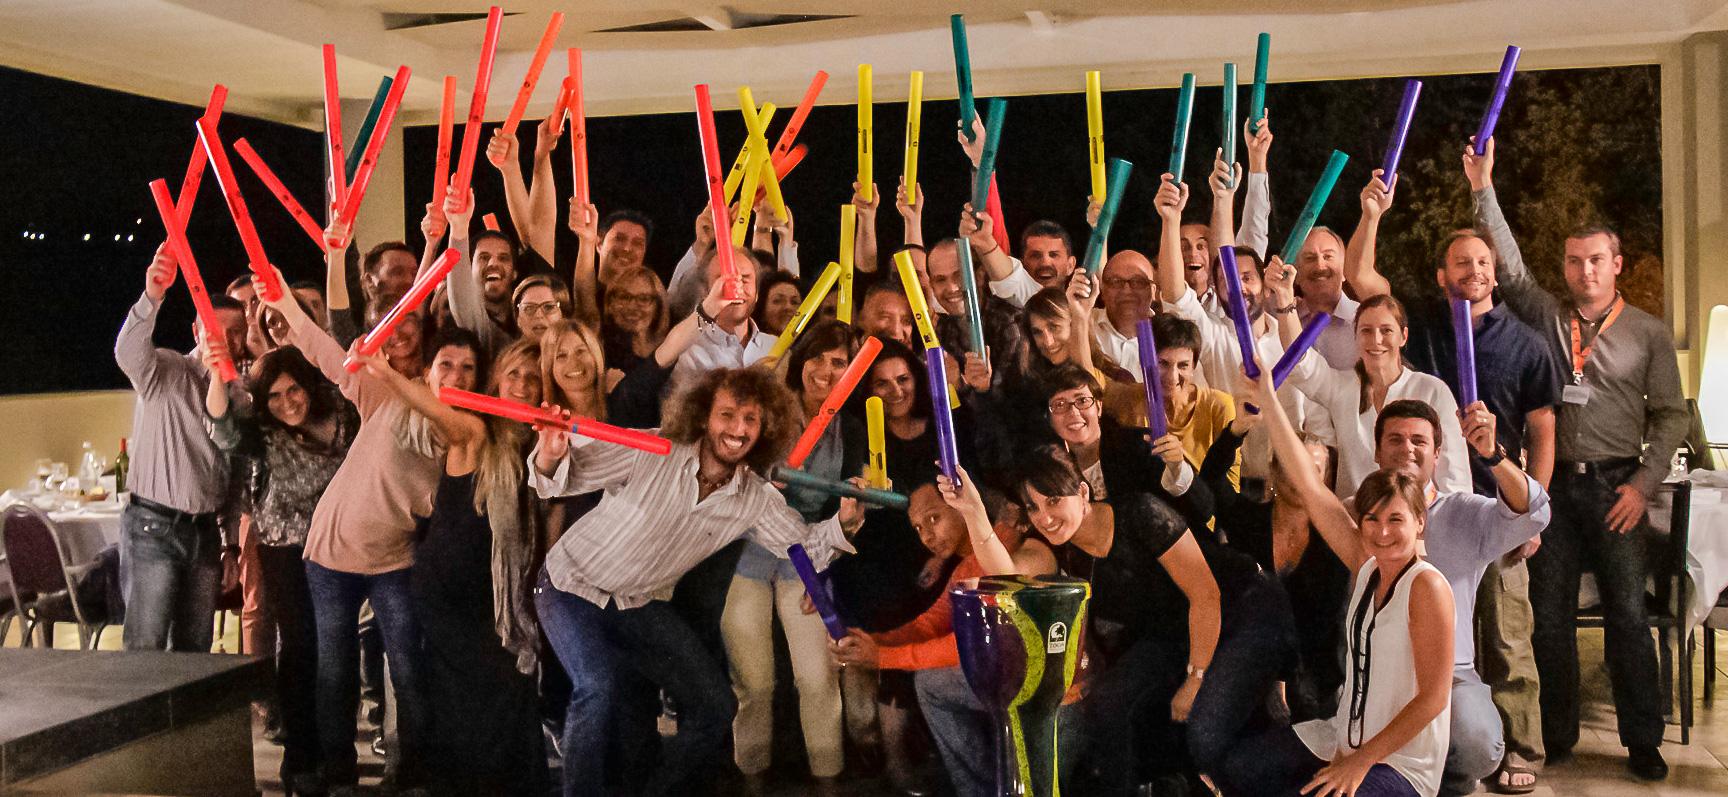 Team Building per Expo 2015 a Milano: 4 Idee con la Musica